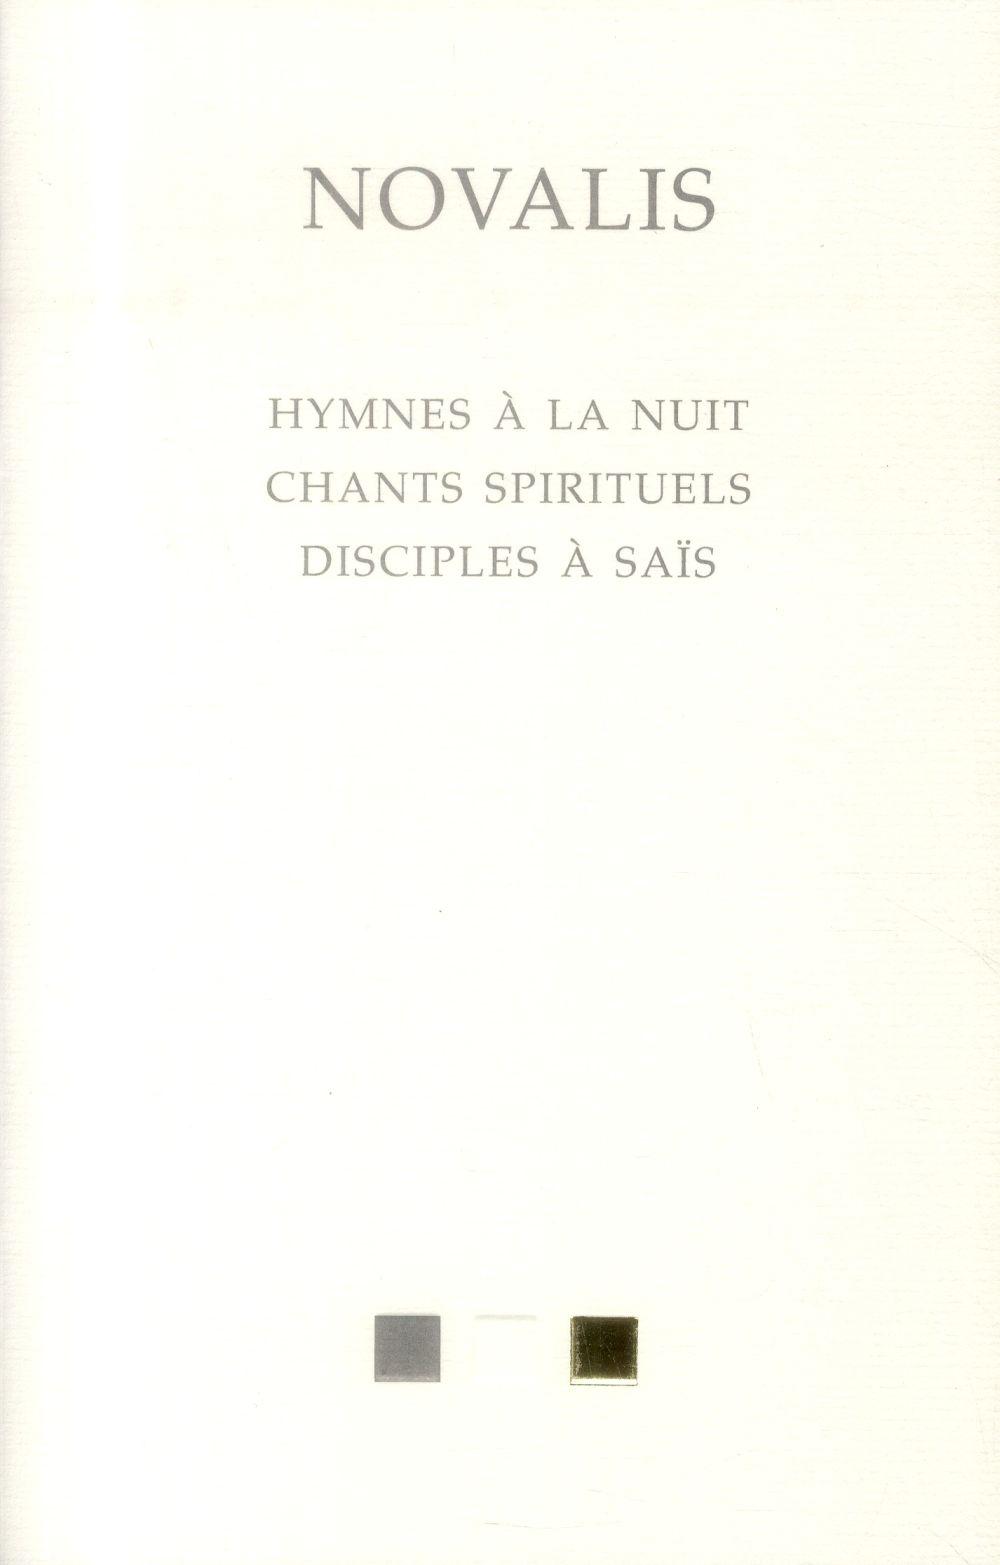 Hymnes à la nuit, chants spirituels, disciples à saïs